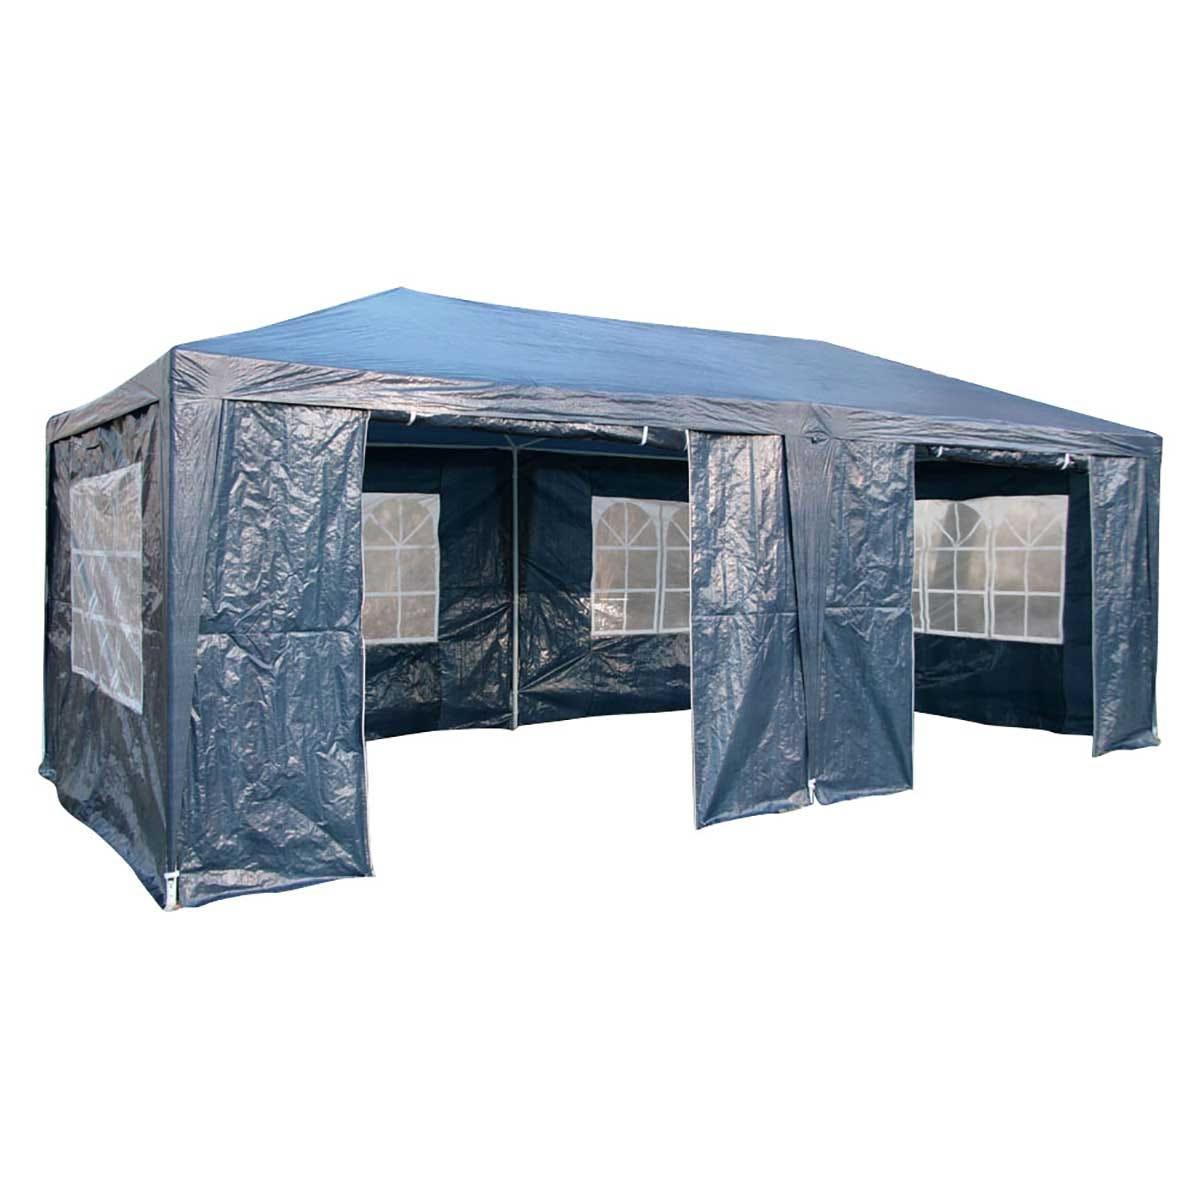 Airwave 6m x 3m Value Party Tent Gazebo - Blue